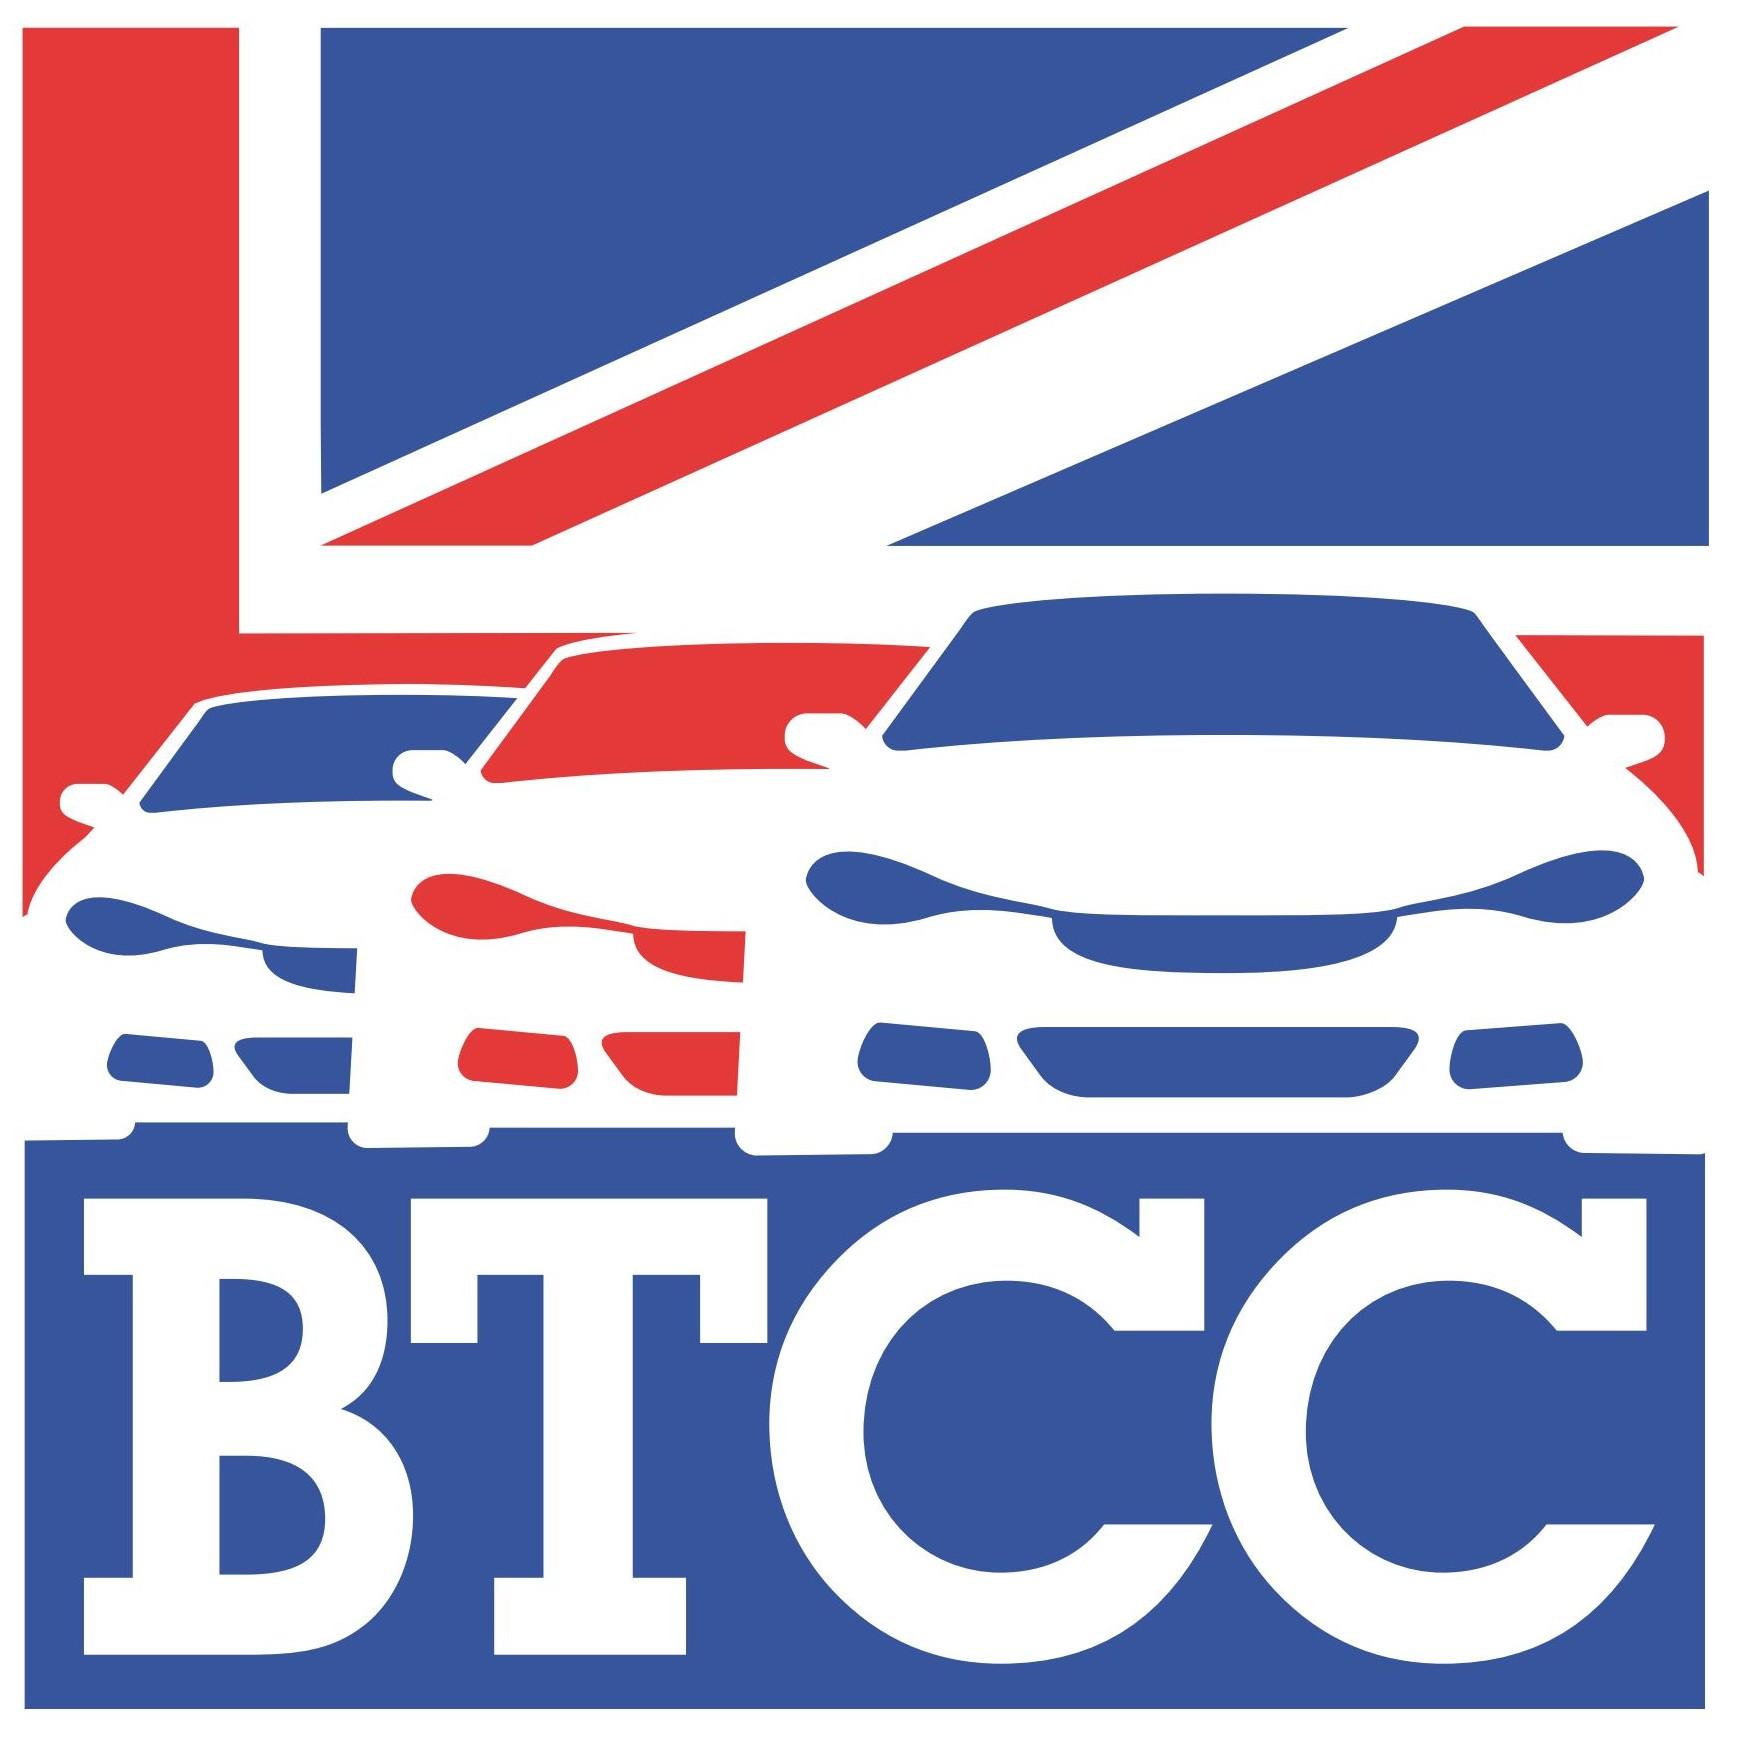 BTCC.